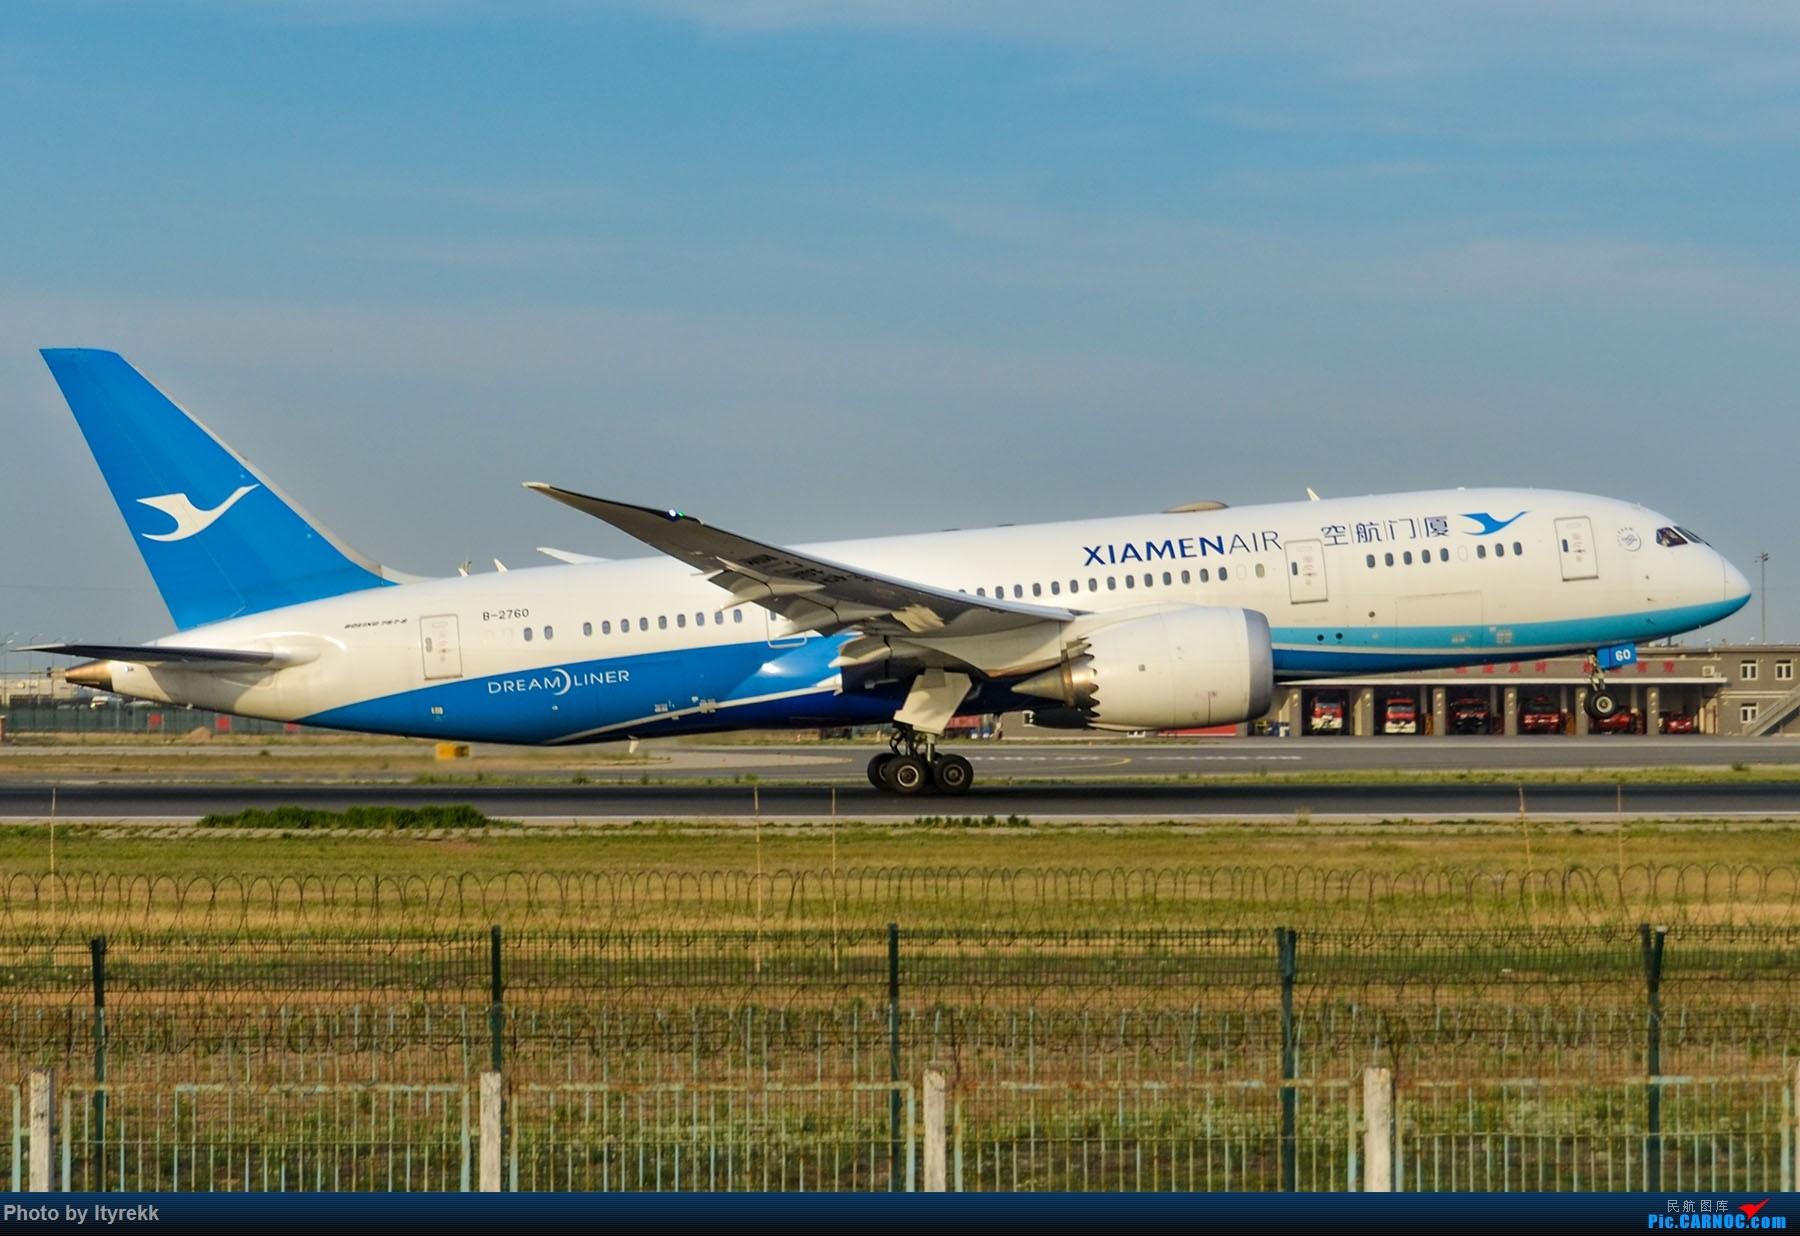 Re:[原创]很久没有发图了。PEK二十里铺的一下午 BOEING 787-8 B-2760 中国北京首都国际机场